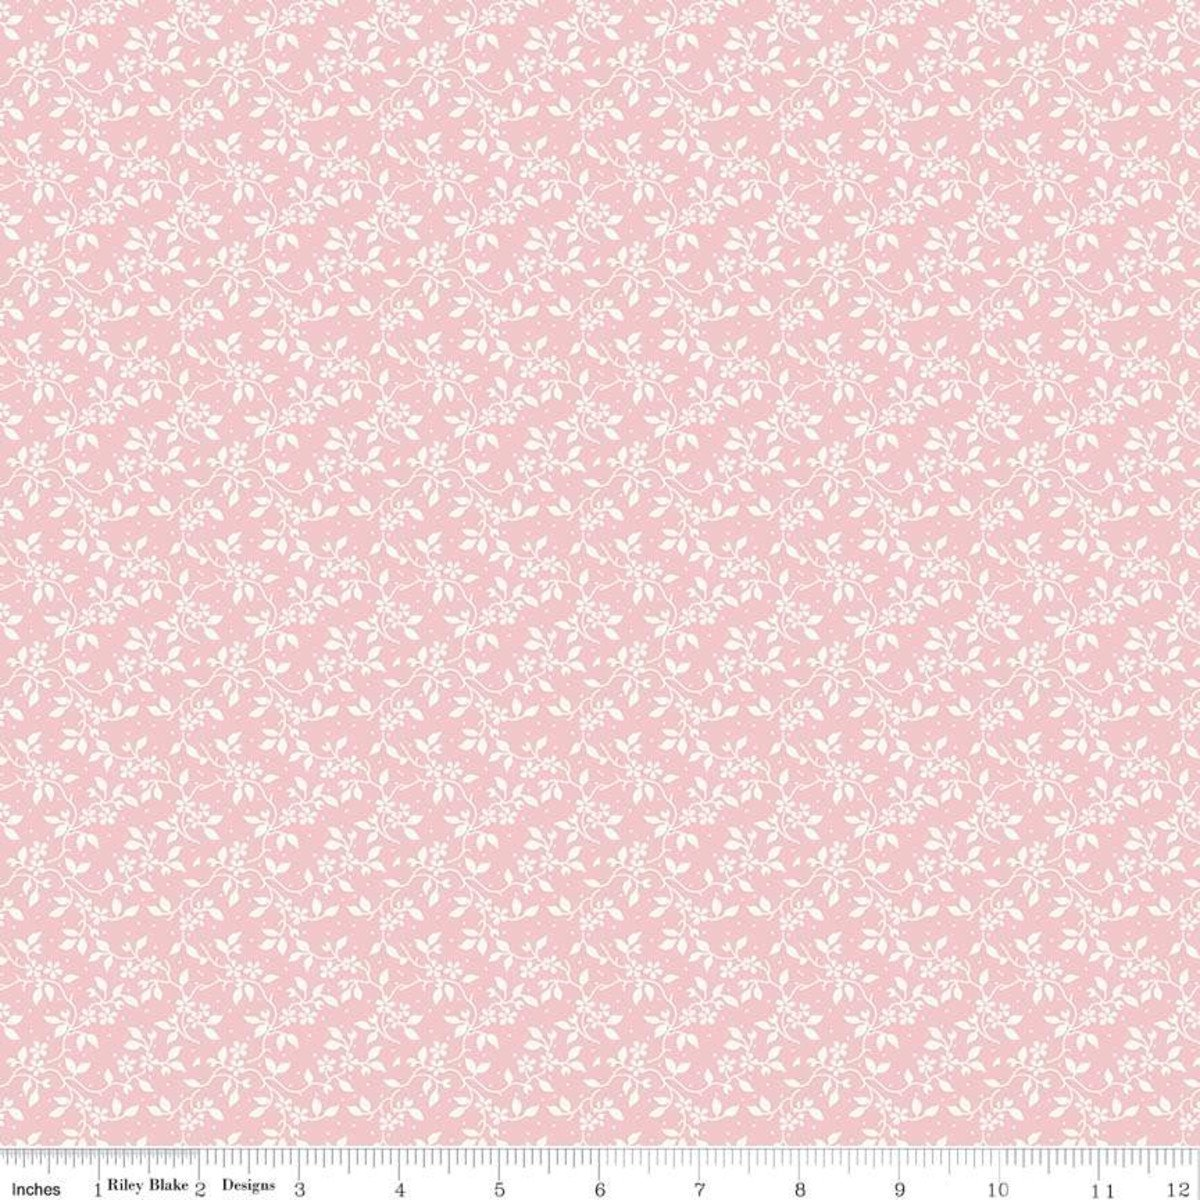 C7684-PINK_Vine Rose Garden